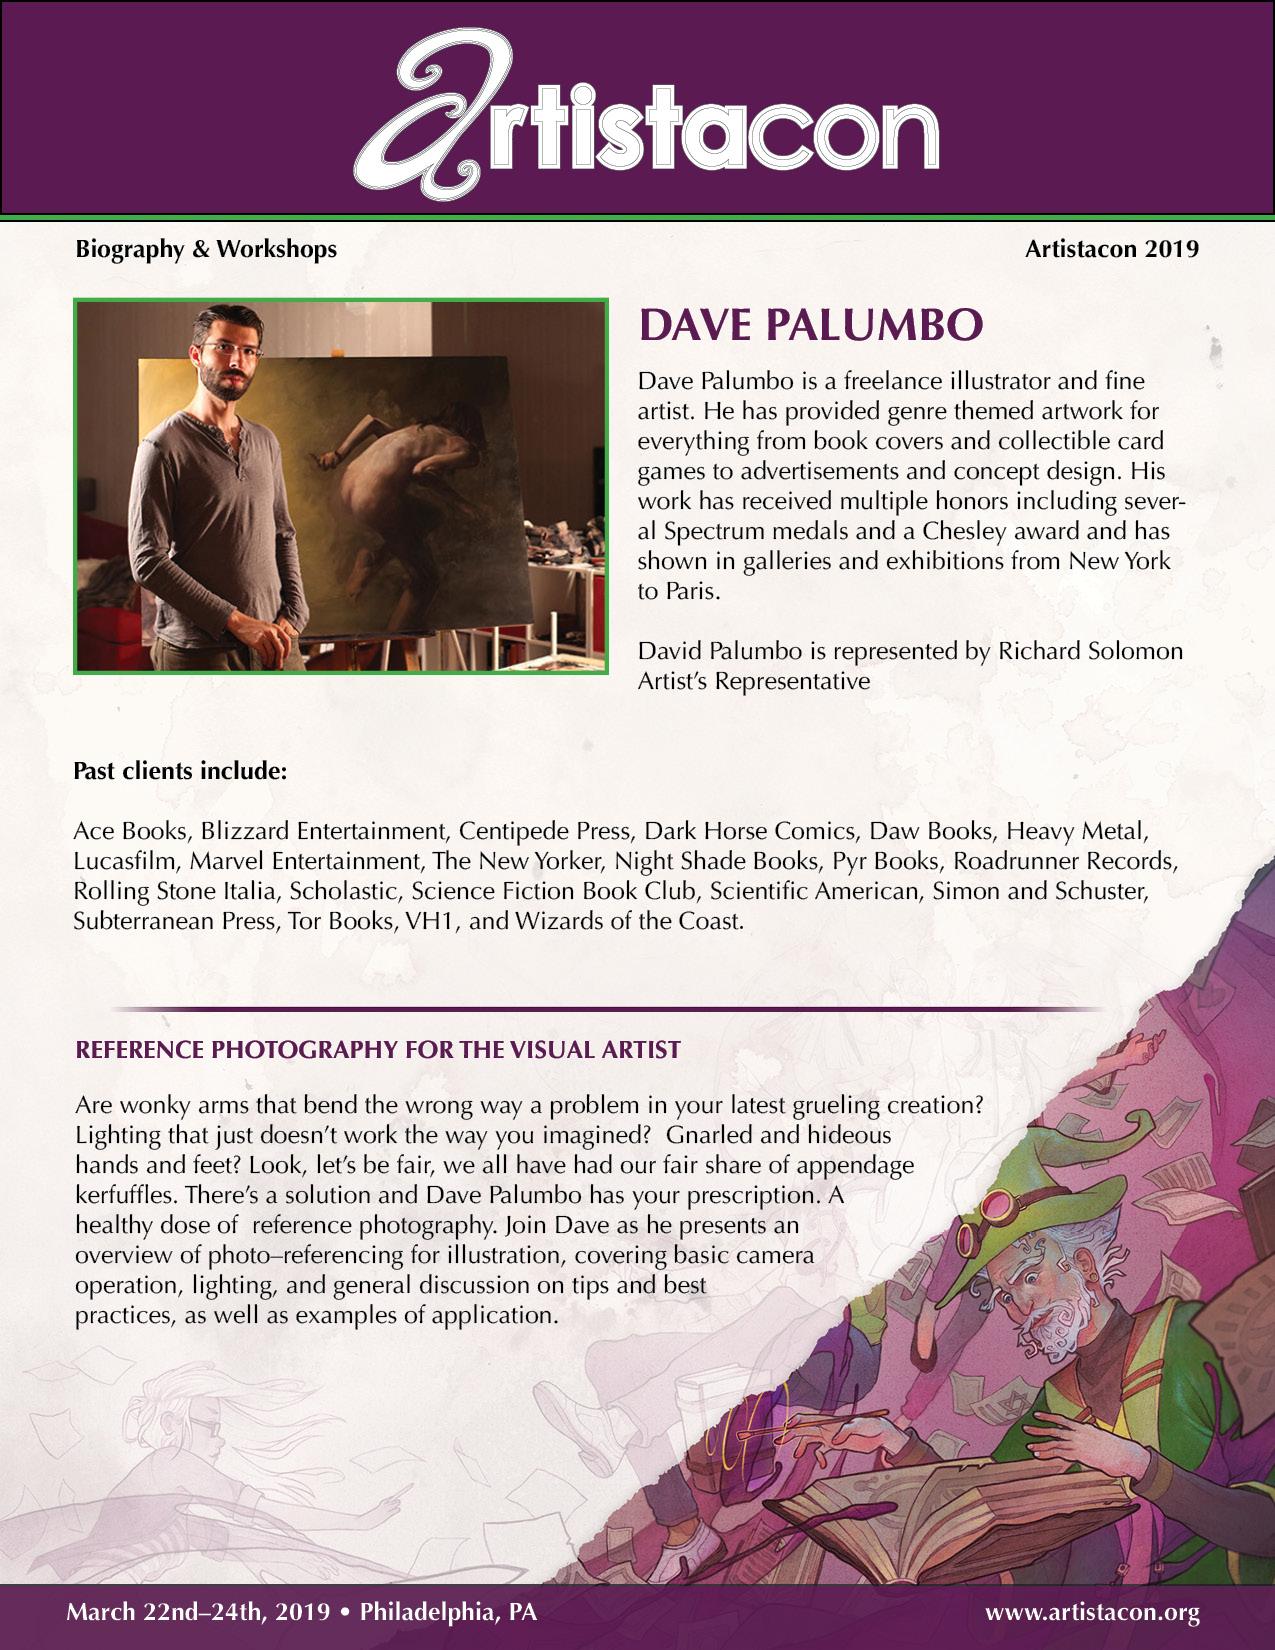 bioPage_Template_Artistacon2019_PALUMBO_002.jpg